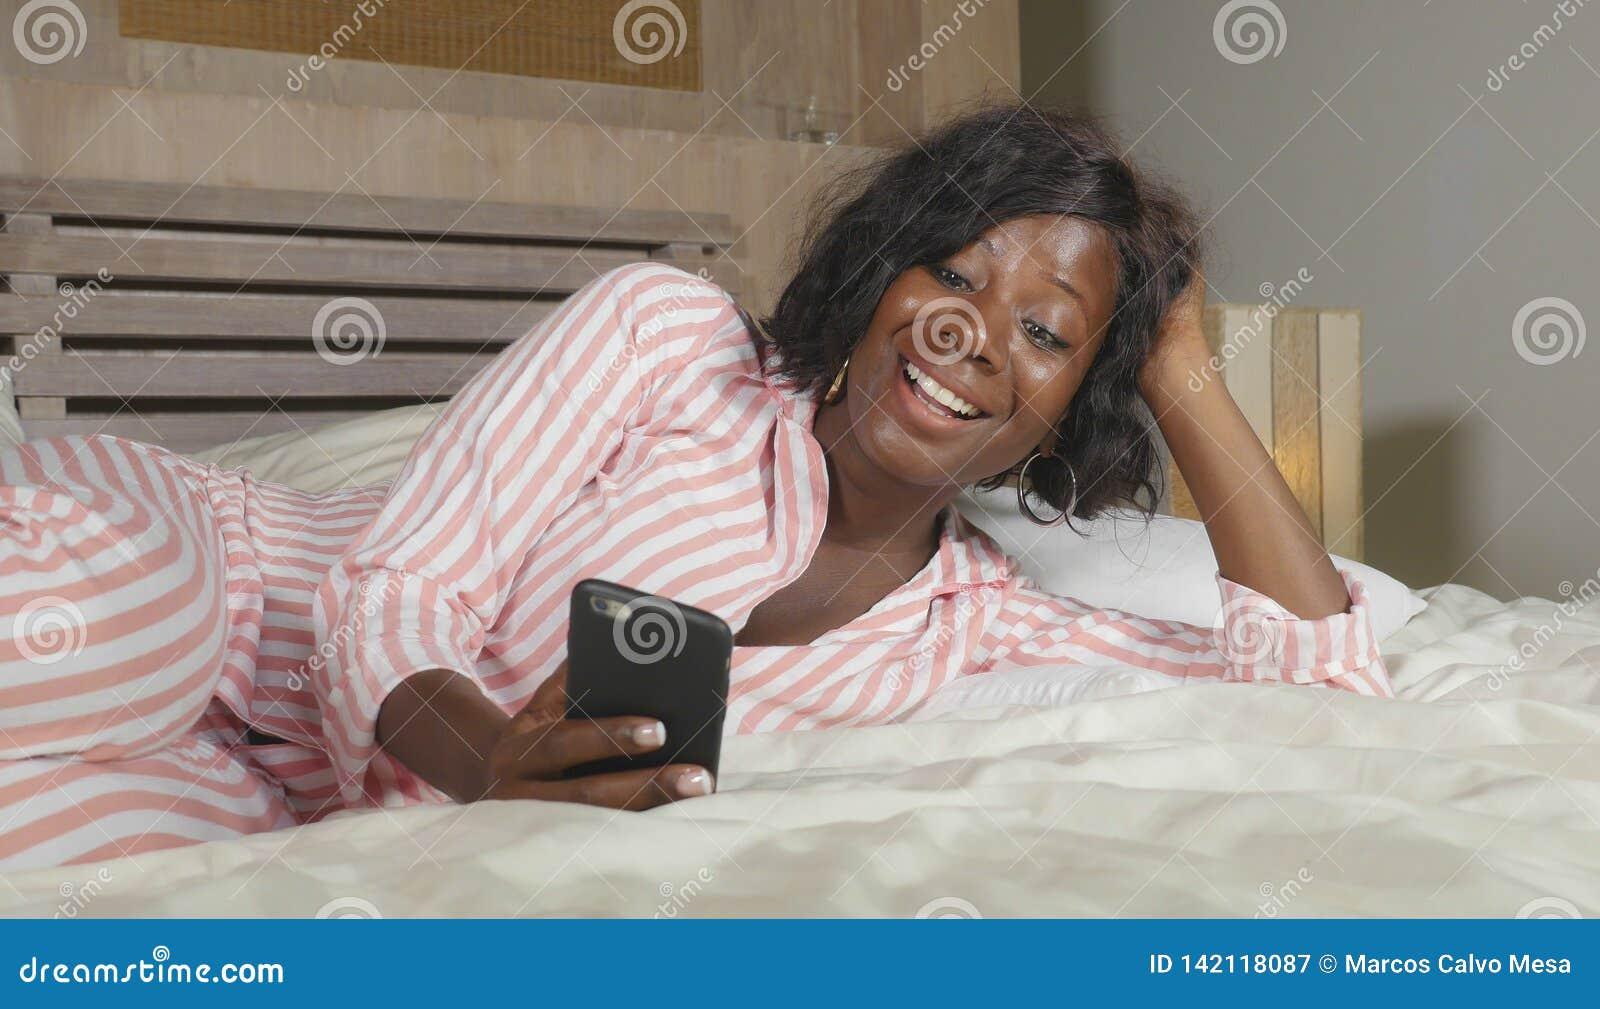 Les mer African american dating nettverk - aurskog online dating mai - helt gratis dating ukraina Dag og Tid beste afroamerikanske dating.